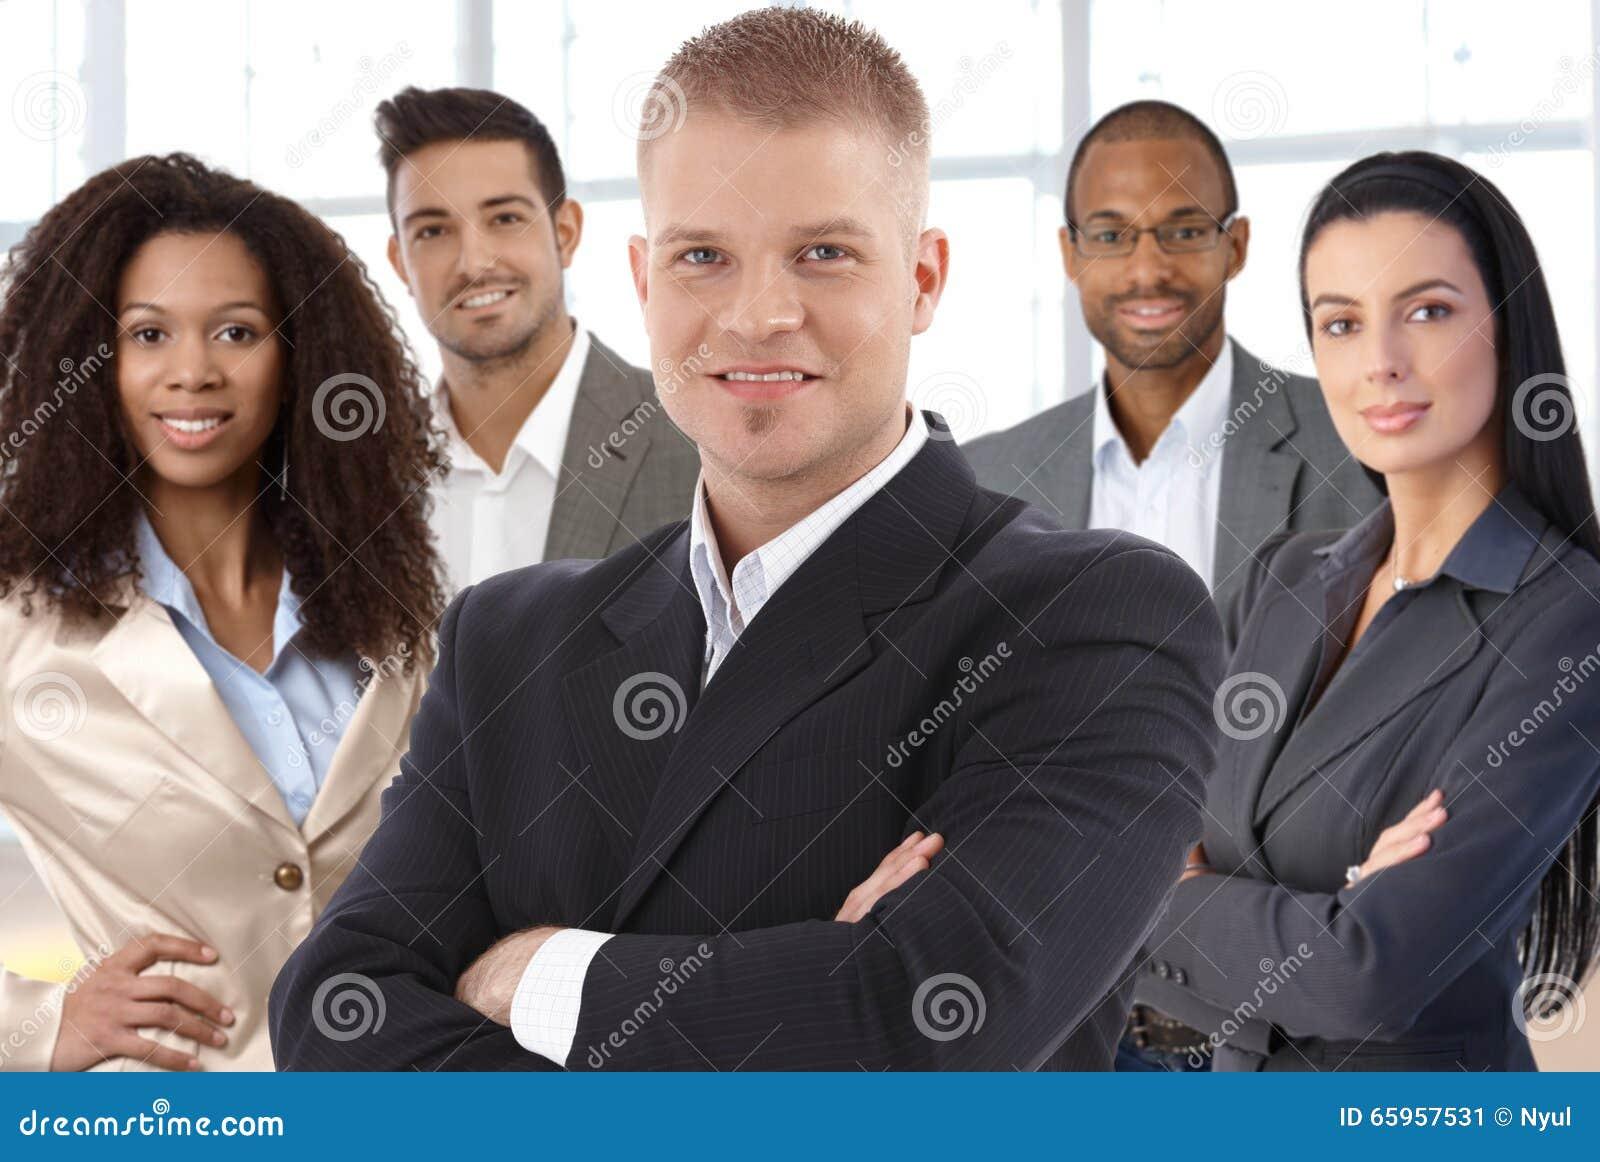 Φωτογραφία ομάδας του επιτυχούς businesspeople